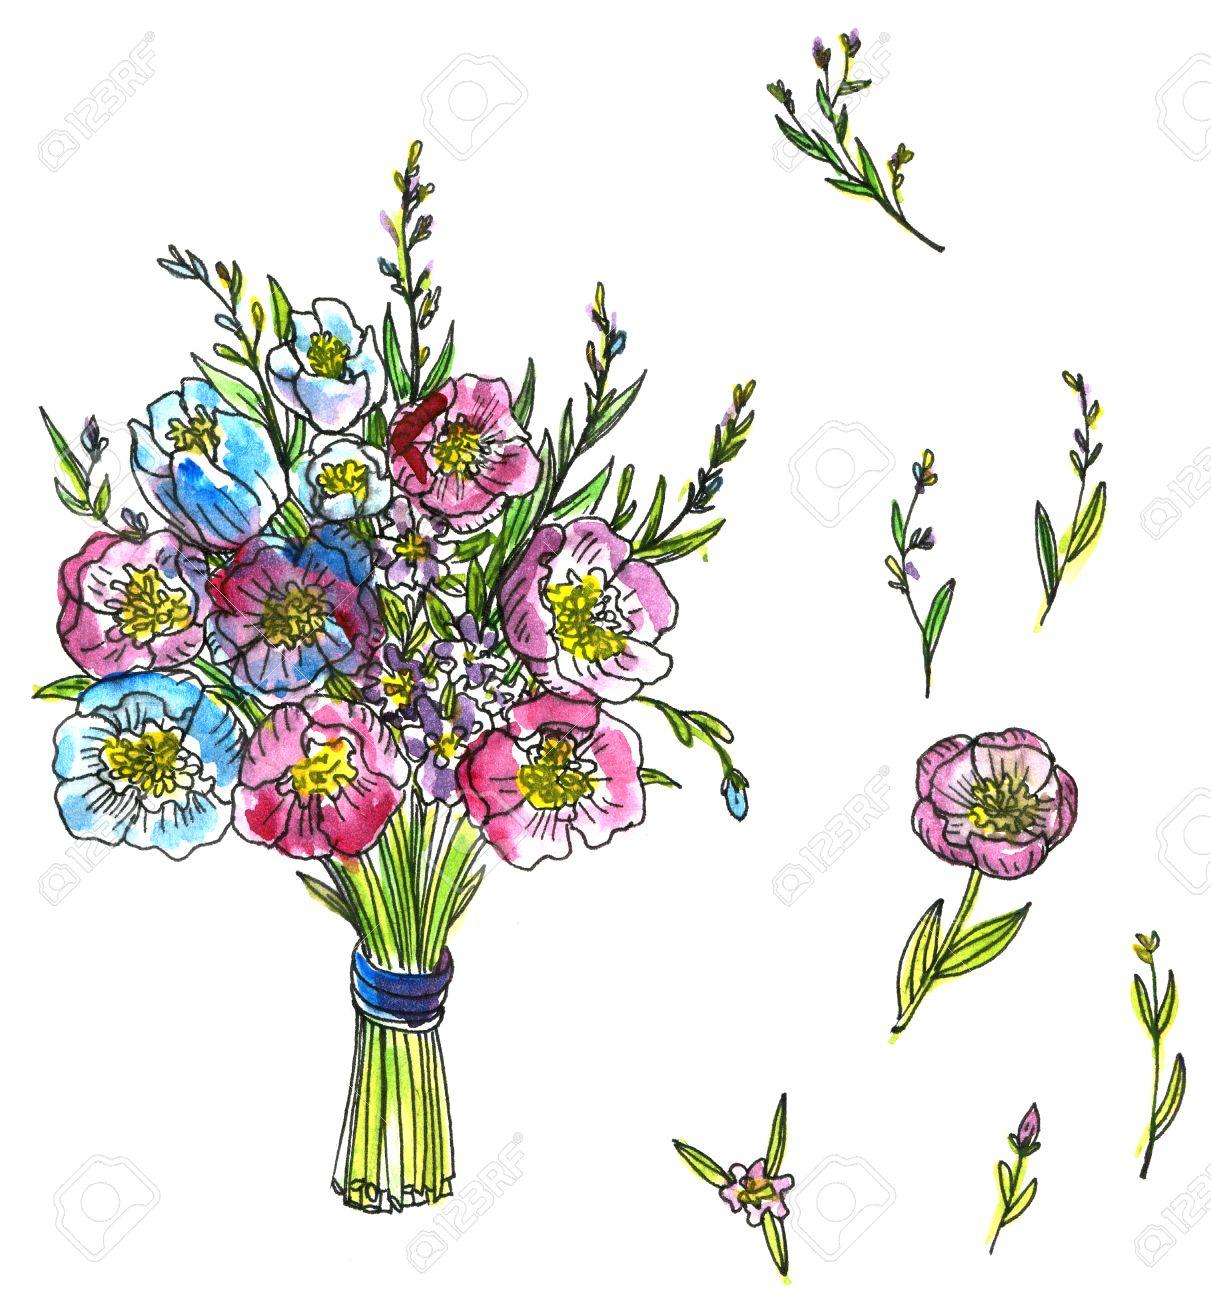 Aquarelle Dessin Bouquet De Fleurs Tire Par La Main Peinture